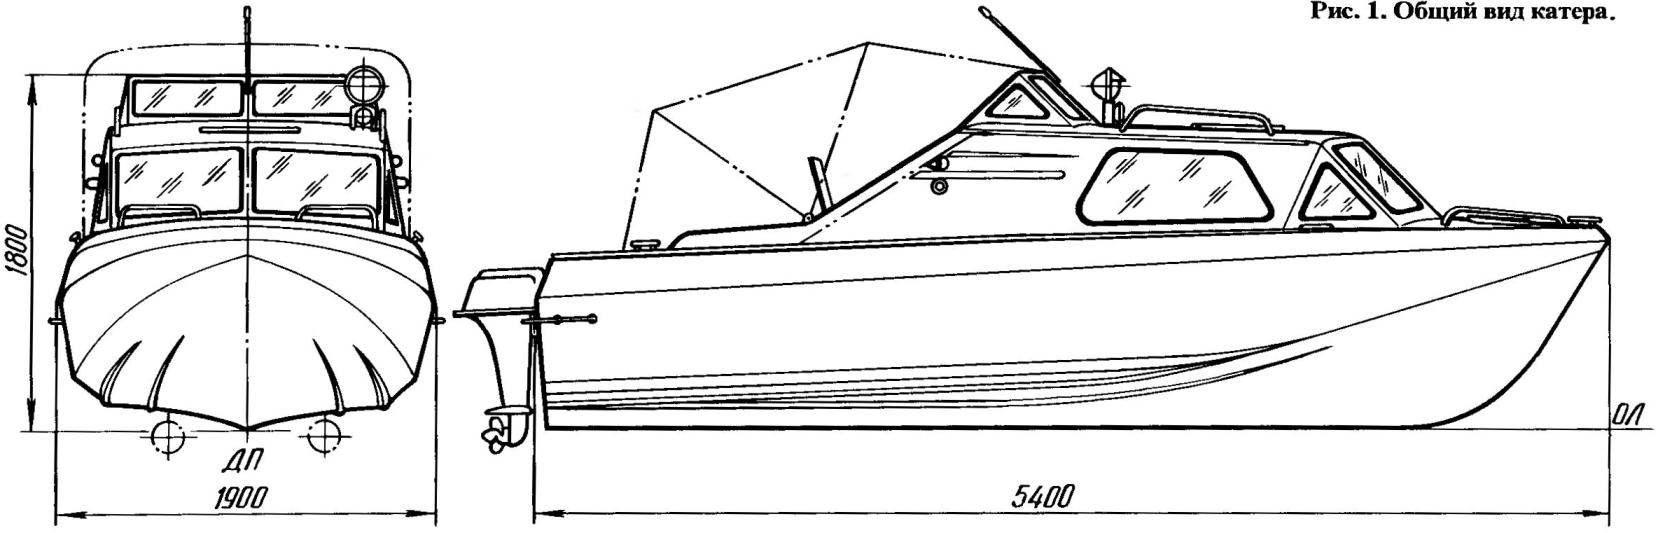 Рис. 1. Общий вид катера